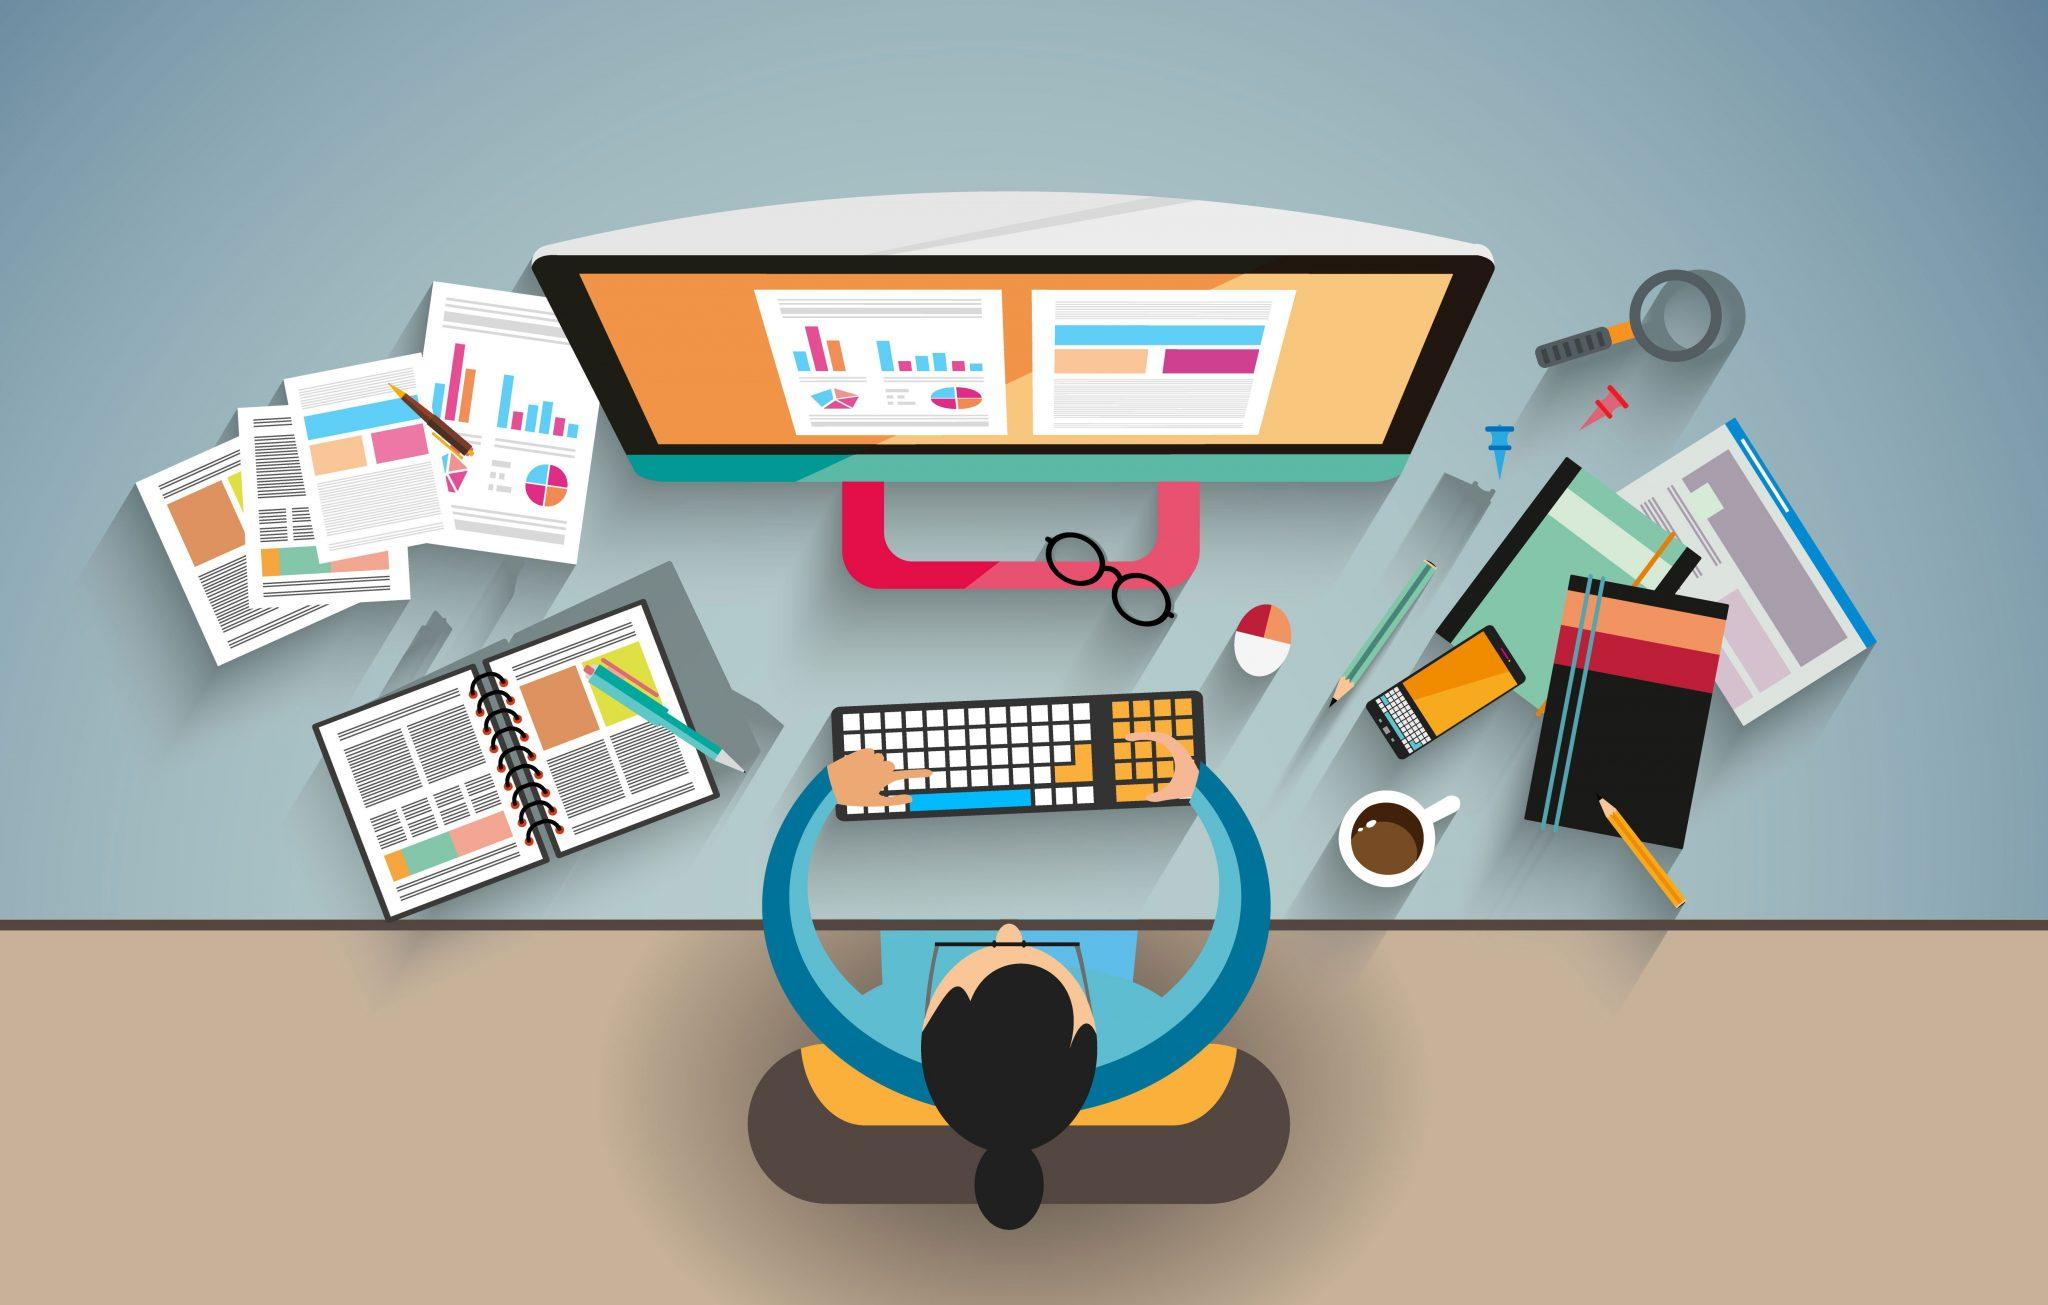 Картинок для дизайна сайта